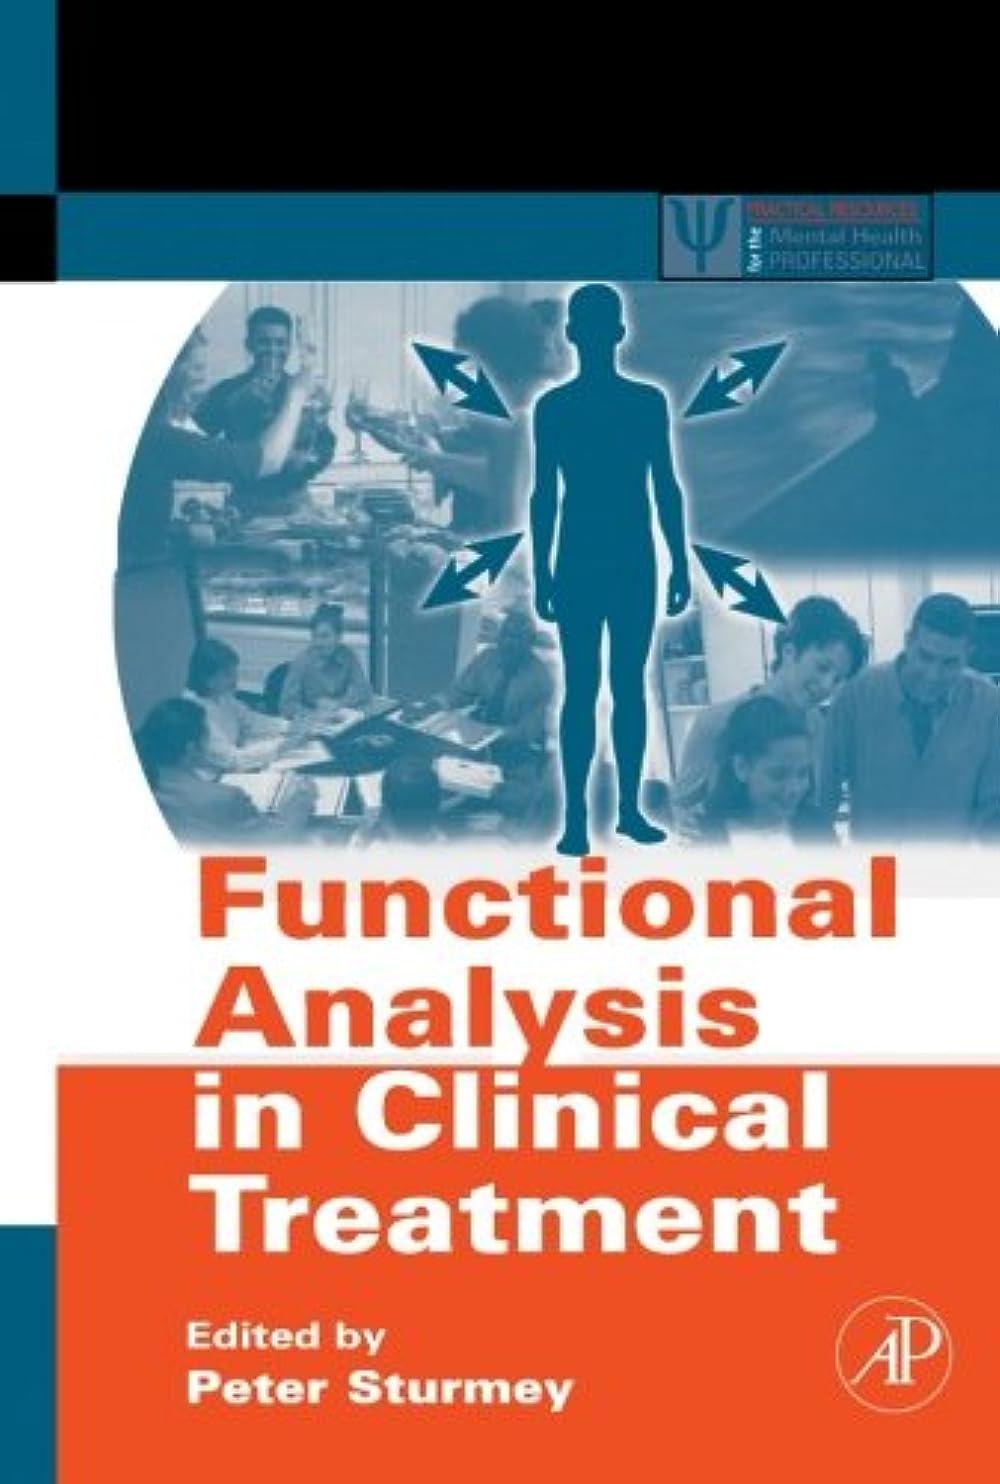 厄介なローブ債務者Functional Analysis in Clinical Treatment (Practical Resources for the Mental Health Professional)